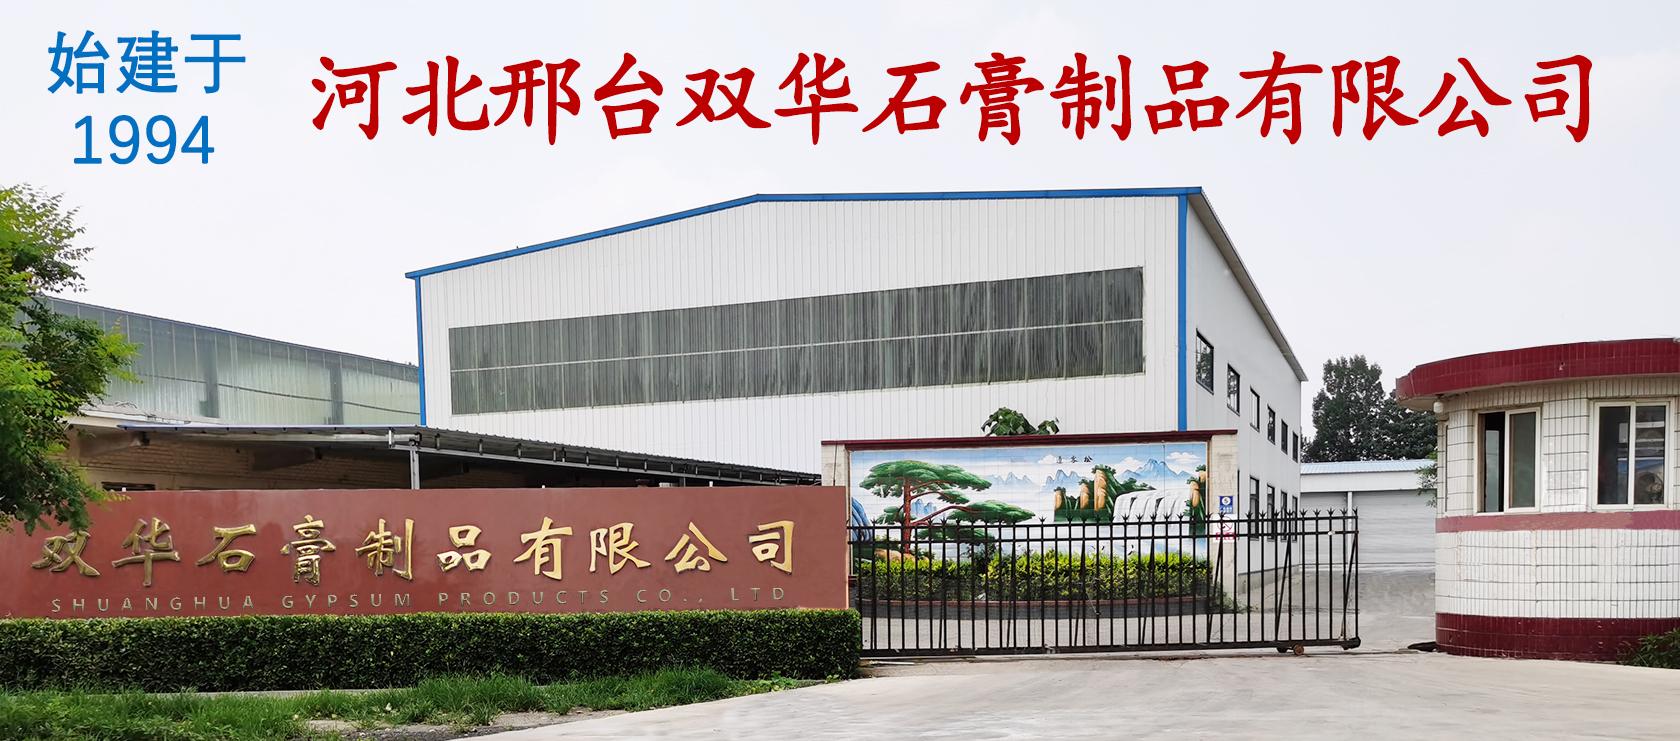 calcium sulfate (gypsum) factory